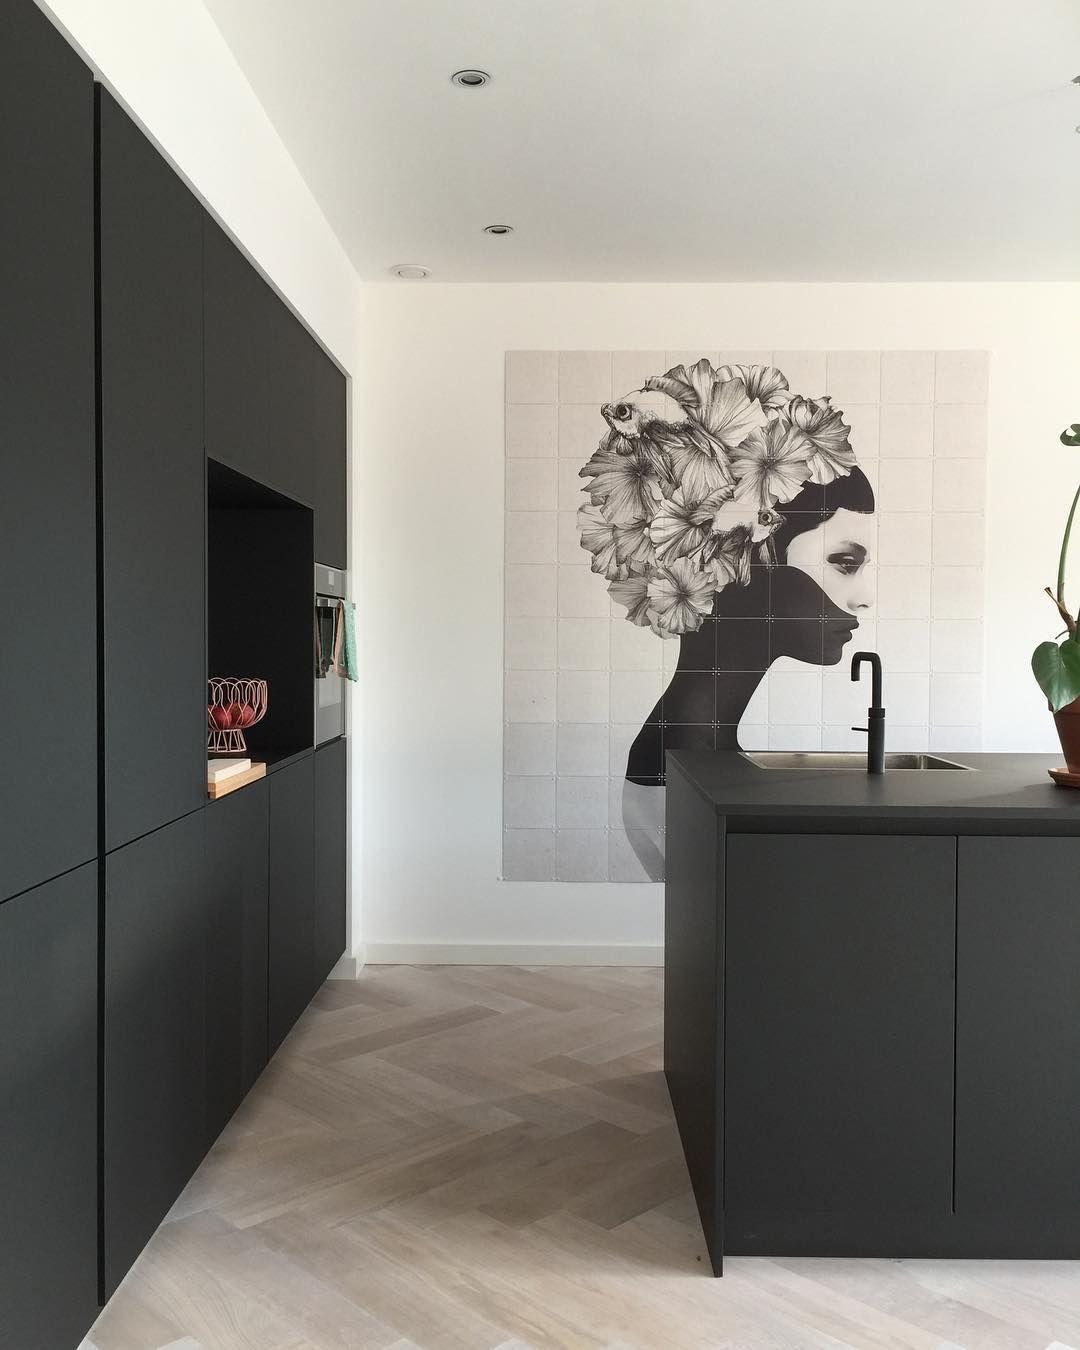 Wow Carolien Maakt Een Statement Met Deze Ixxi In Haar Moderne Zwarte Keuken Rustiek Keuken Ontwerp Thuisdecoratie Binnenhuisarchitect